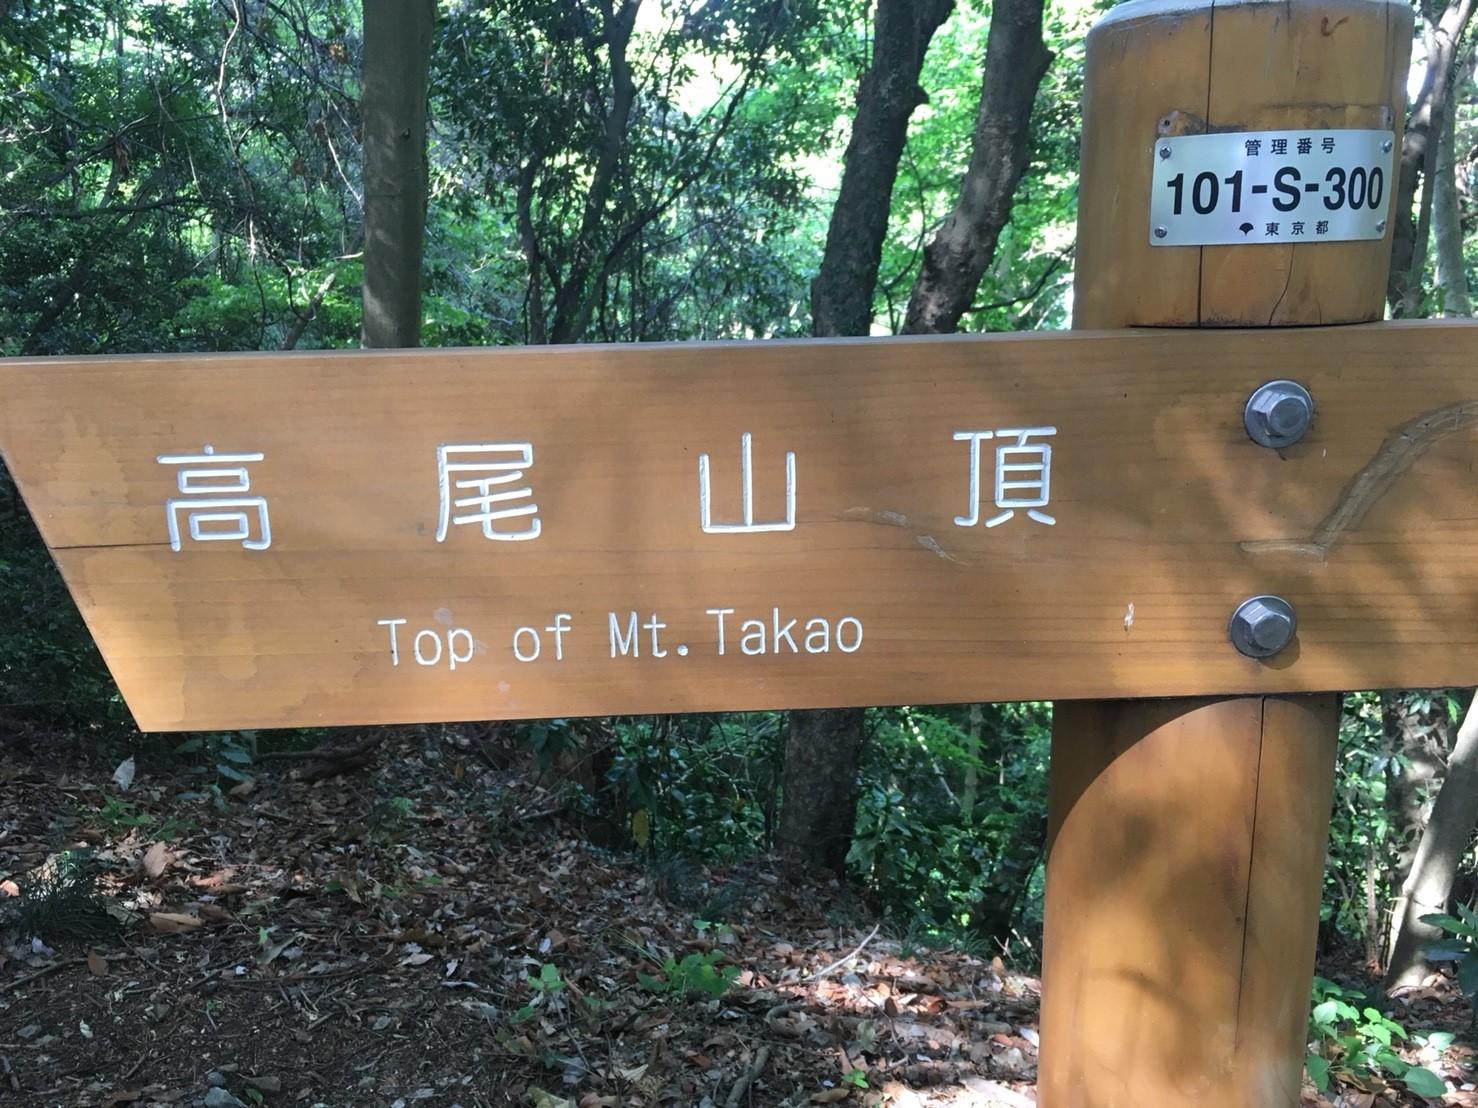 【東京 高尾山】ゴールデンウィーク激混みの高尾山